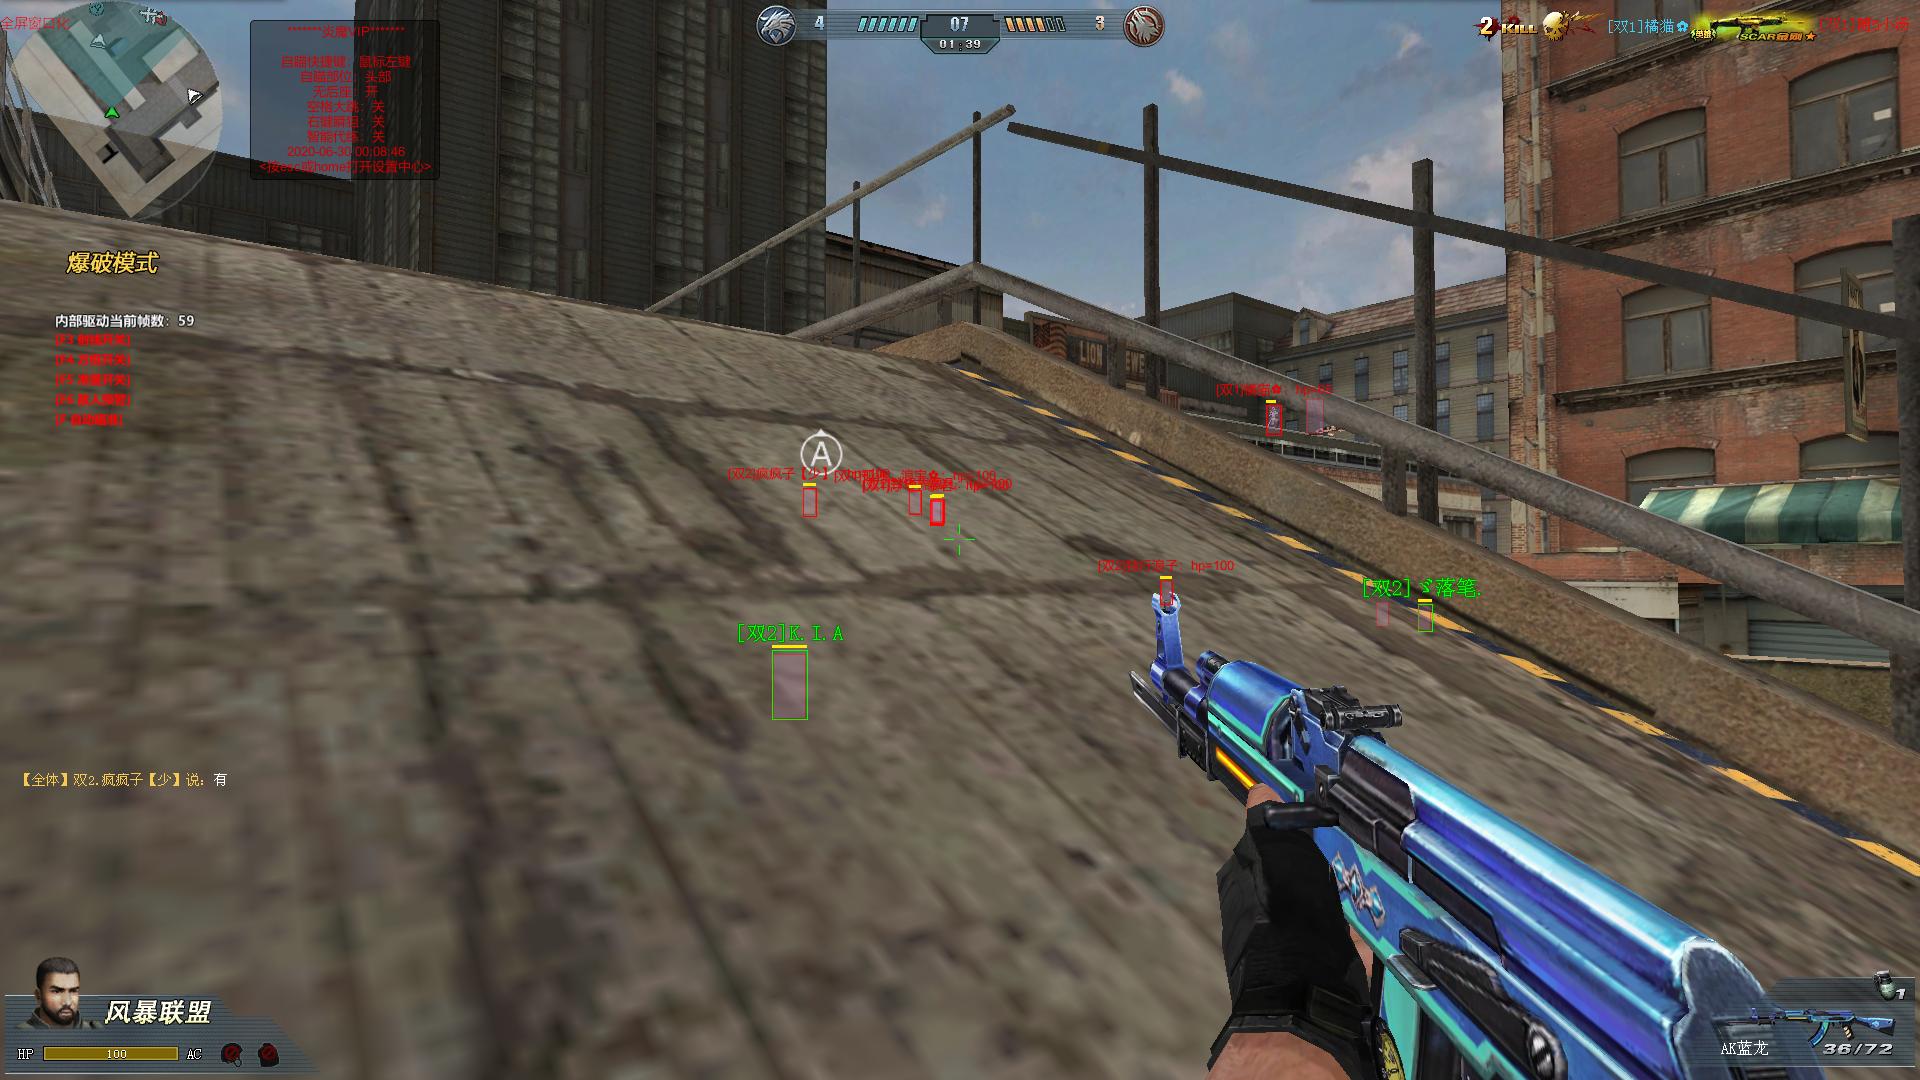 生死狙击微端-狙击手 v1.2透视自瞄辅助/免费版